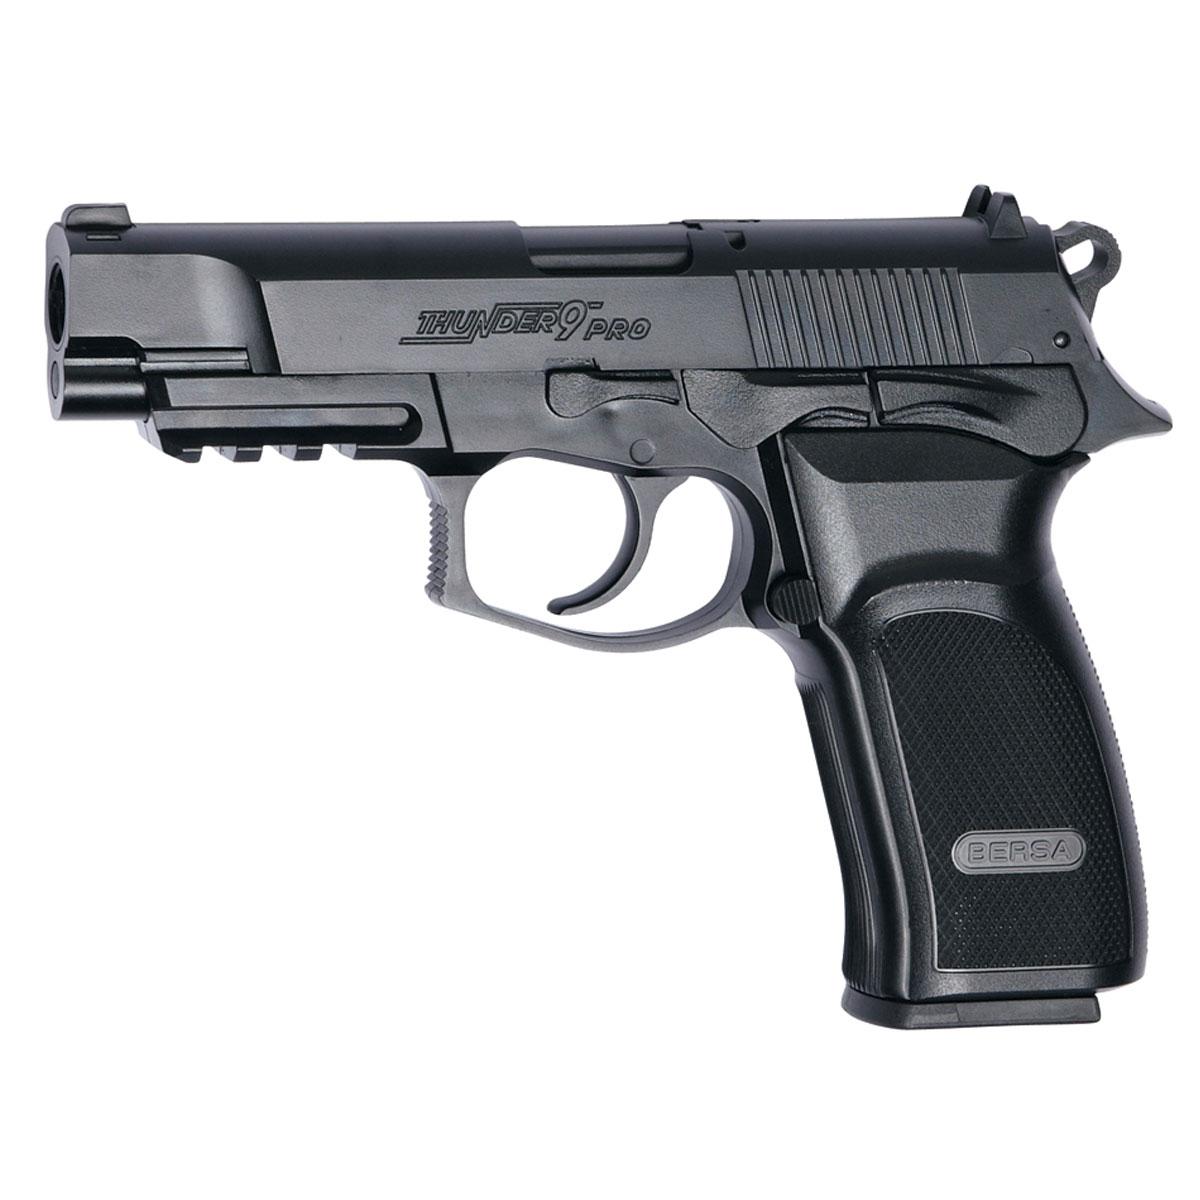 ASG Bersa Thunder 9 PRO пистолет пневматический CO2, 4,5 мм, цвет: Black (17302)17302Реплика пистолета Bersa Thunder 9 PRO. Это легчайший полноразмерный полуавтоматический пистолет с эргономичным дизайном, производимый по лицензии аргентинской компании Bersa. Стрельба самовзводом с высокой скоростью, планка Пикатинни под стволом для крепления фонаря или ЛЦУ. При выстреле производит звук, напоминающий хлопок при открывании бутылки шампанского. На громкий звук огнестрельного выстрела он не похож. Для пневматических пистолетов прицельная дальность, стандартно, составляет 15-20 метров. Опасной считается дальность до 300 метров. Версия не-блоубэк (при выстреле затвор остается неподвижным).Возврат товара возможен только при наличии заключения сервисного центра. Время работы сервисного центра: Пн-чт: 10.00-18.00 Пт: 10.00- 17.00 Сб, Вс: выходные дни Адрес: ООО ГАТО, 121471, г.Москва, ул. Петра Алексеева, д 12., тел. (495)232-4670, gato@gato.ru Рекомендуем!